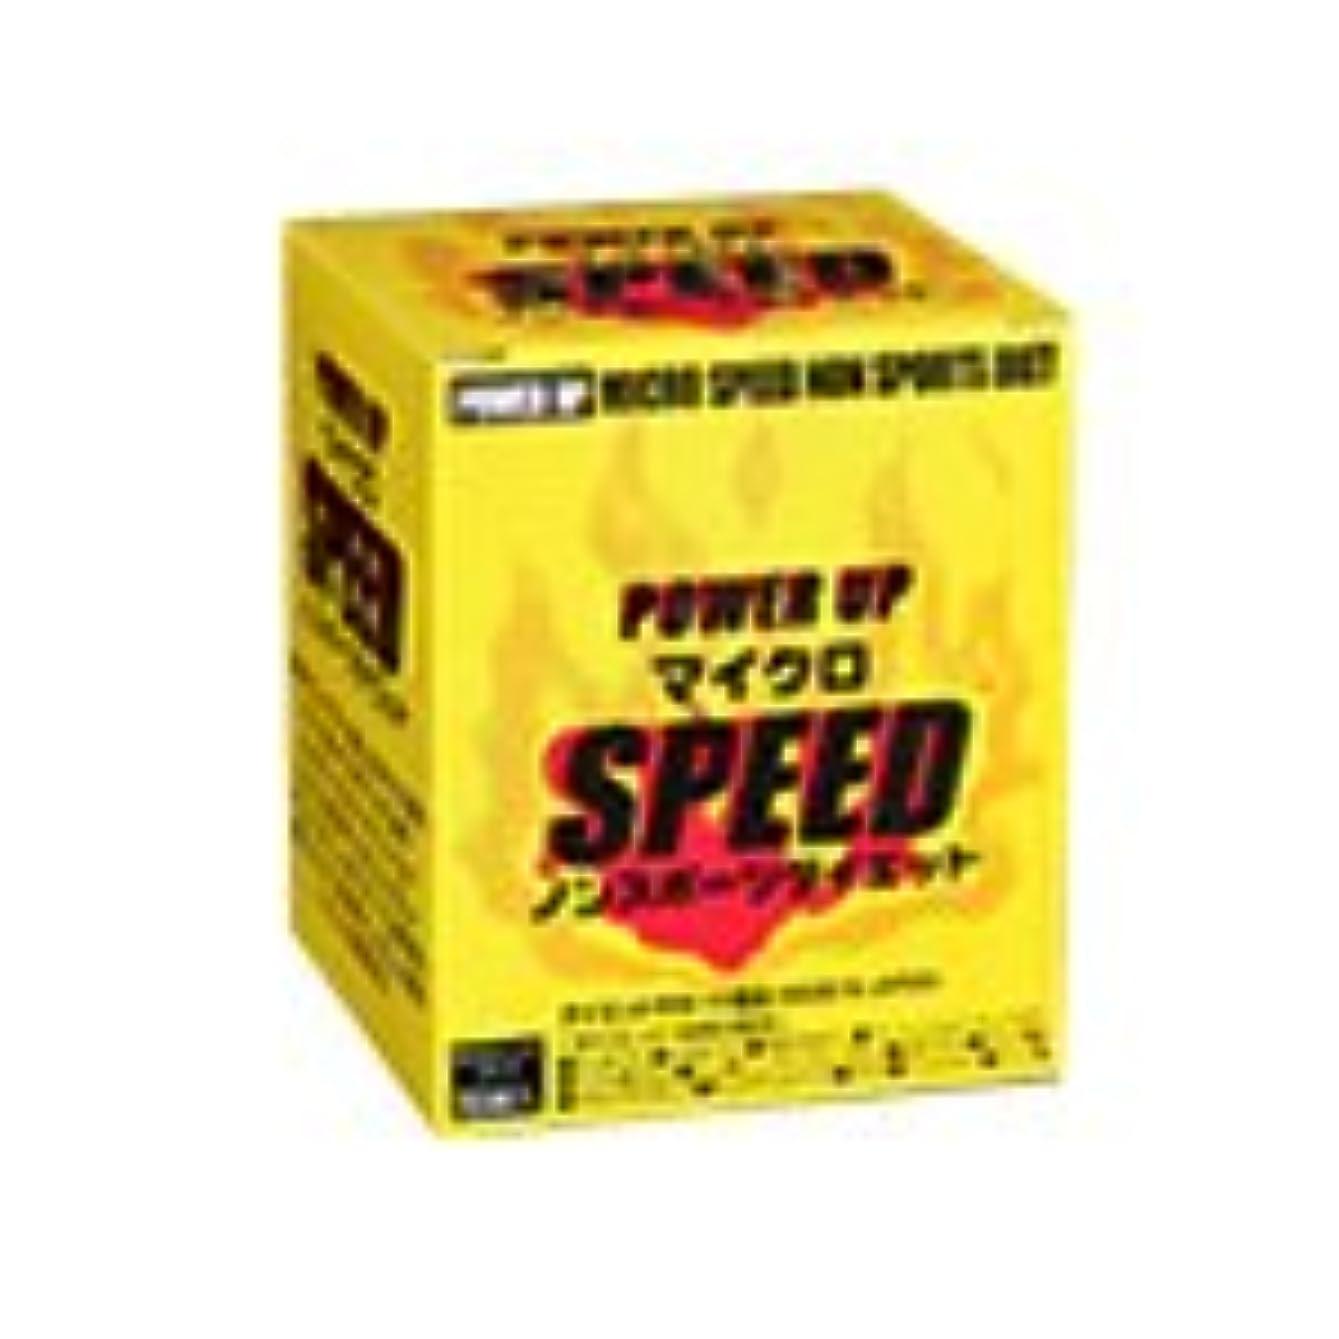 ミトンヒールスリップマイクロスピードノンスポーツダイエット 1箱